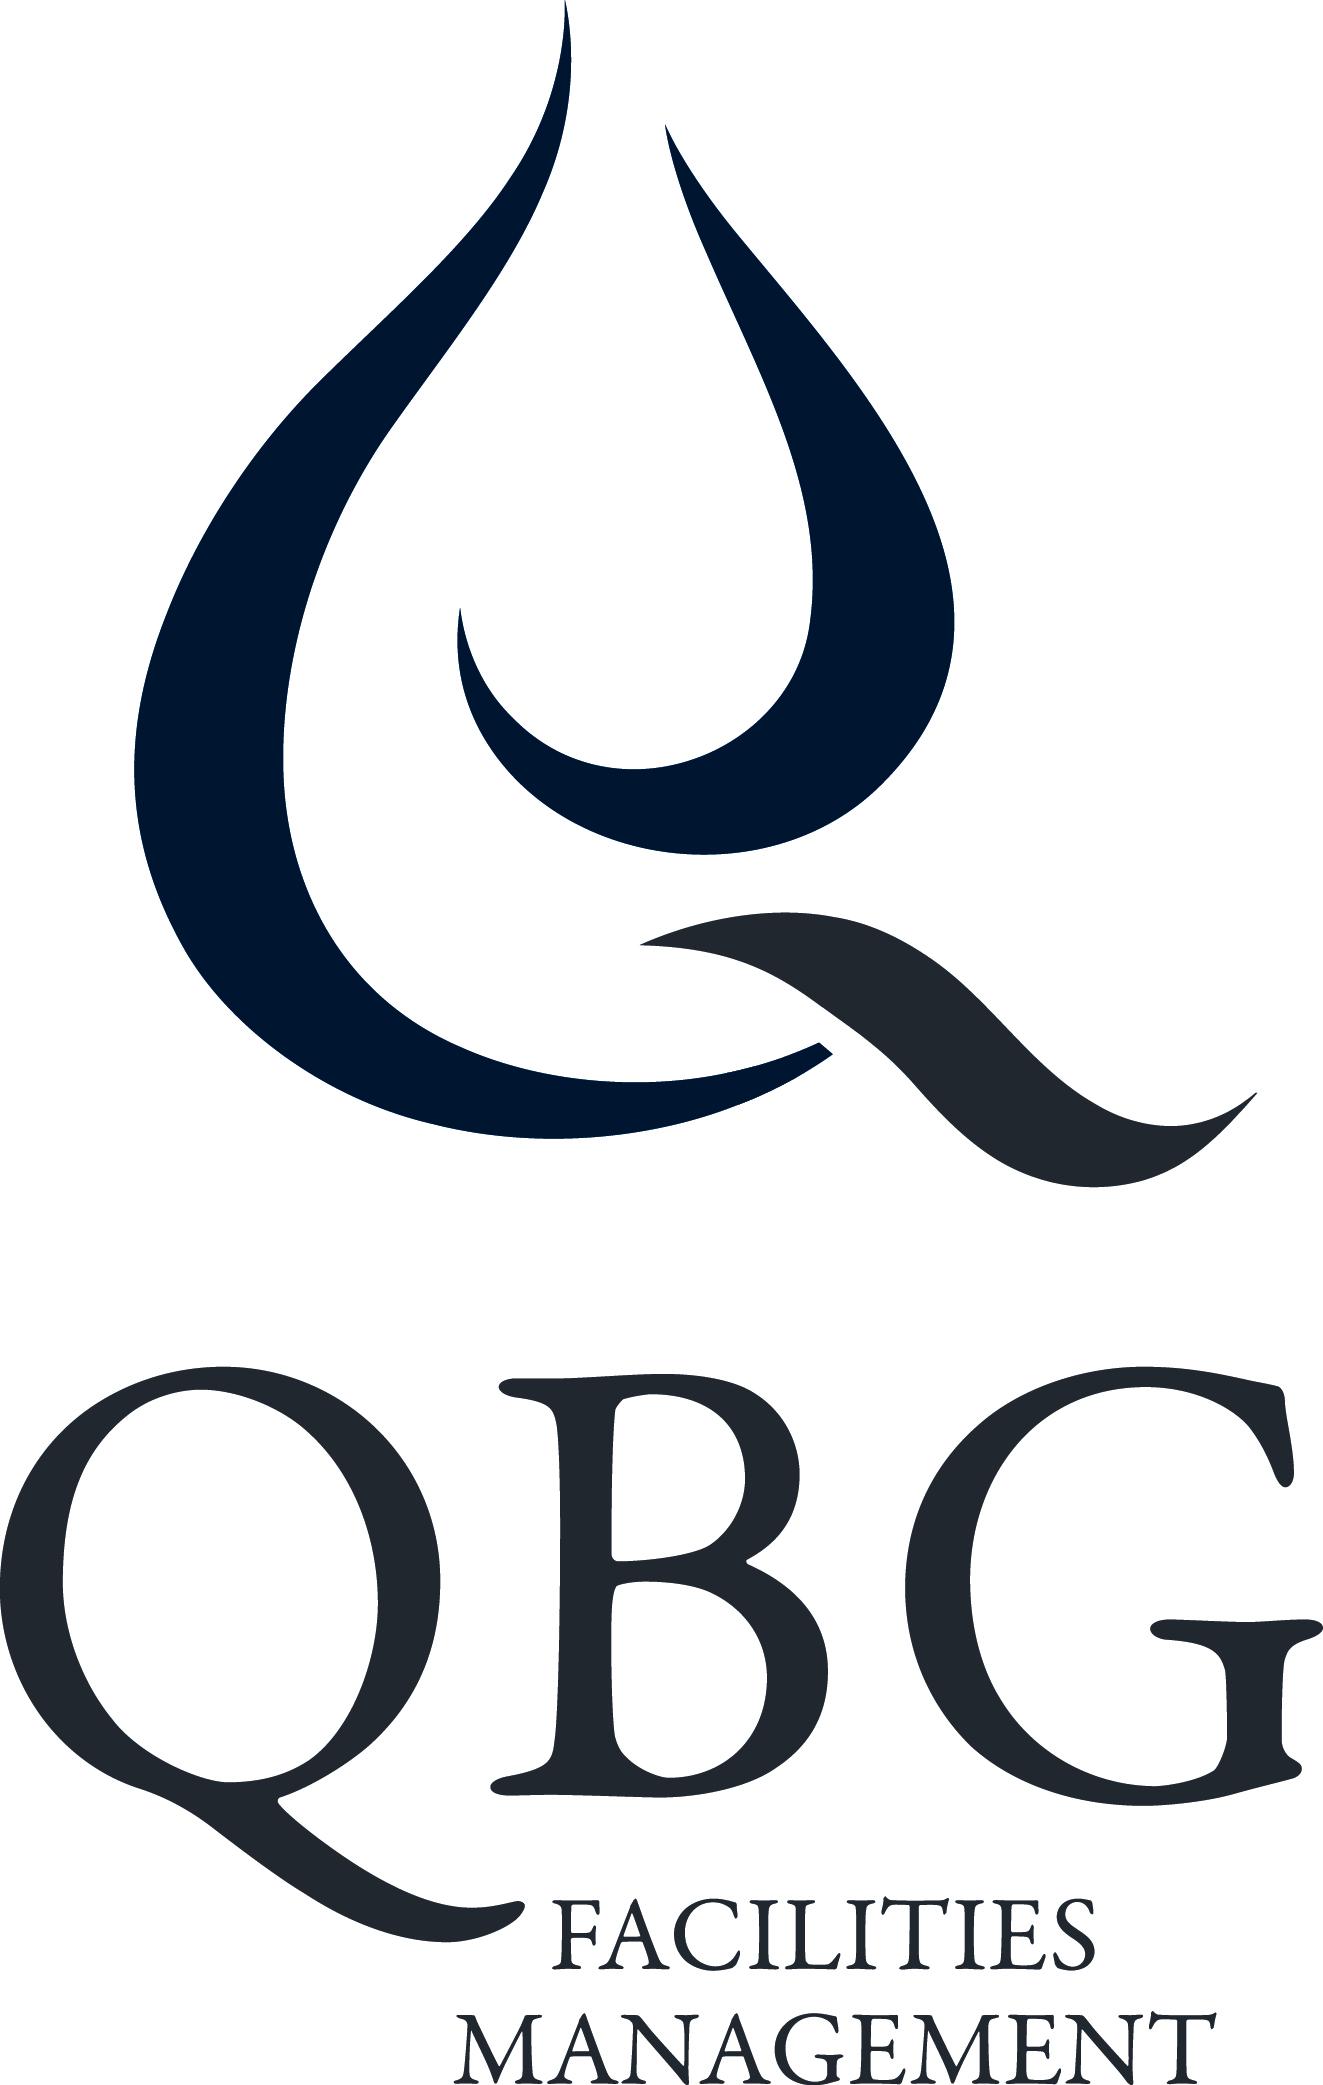 QBG_LOGOS_FACILITIES_MGMT_PRINT